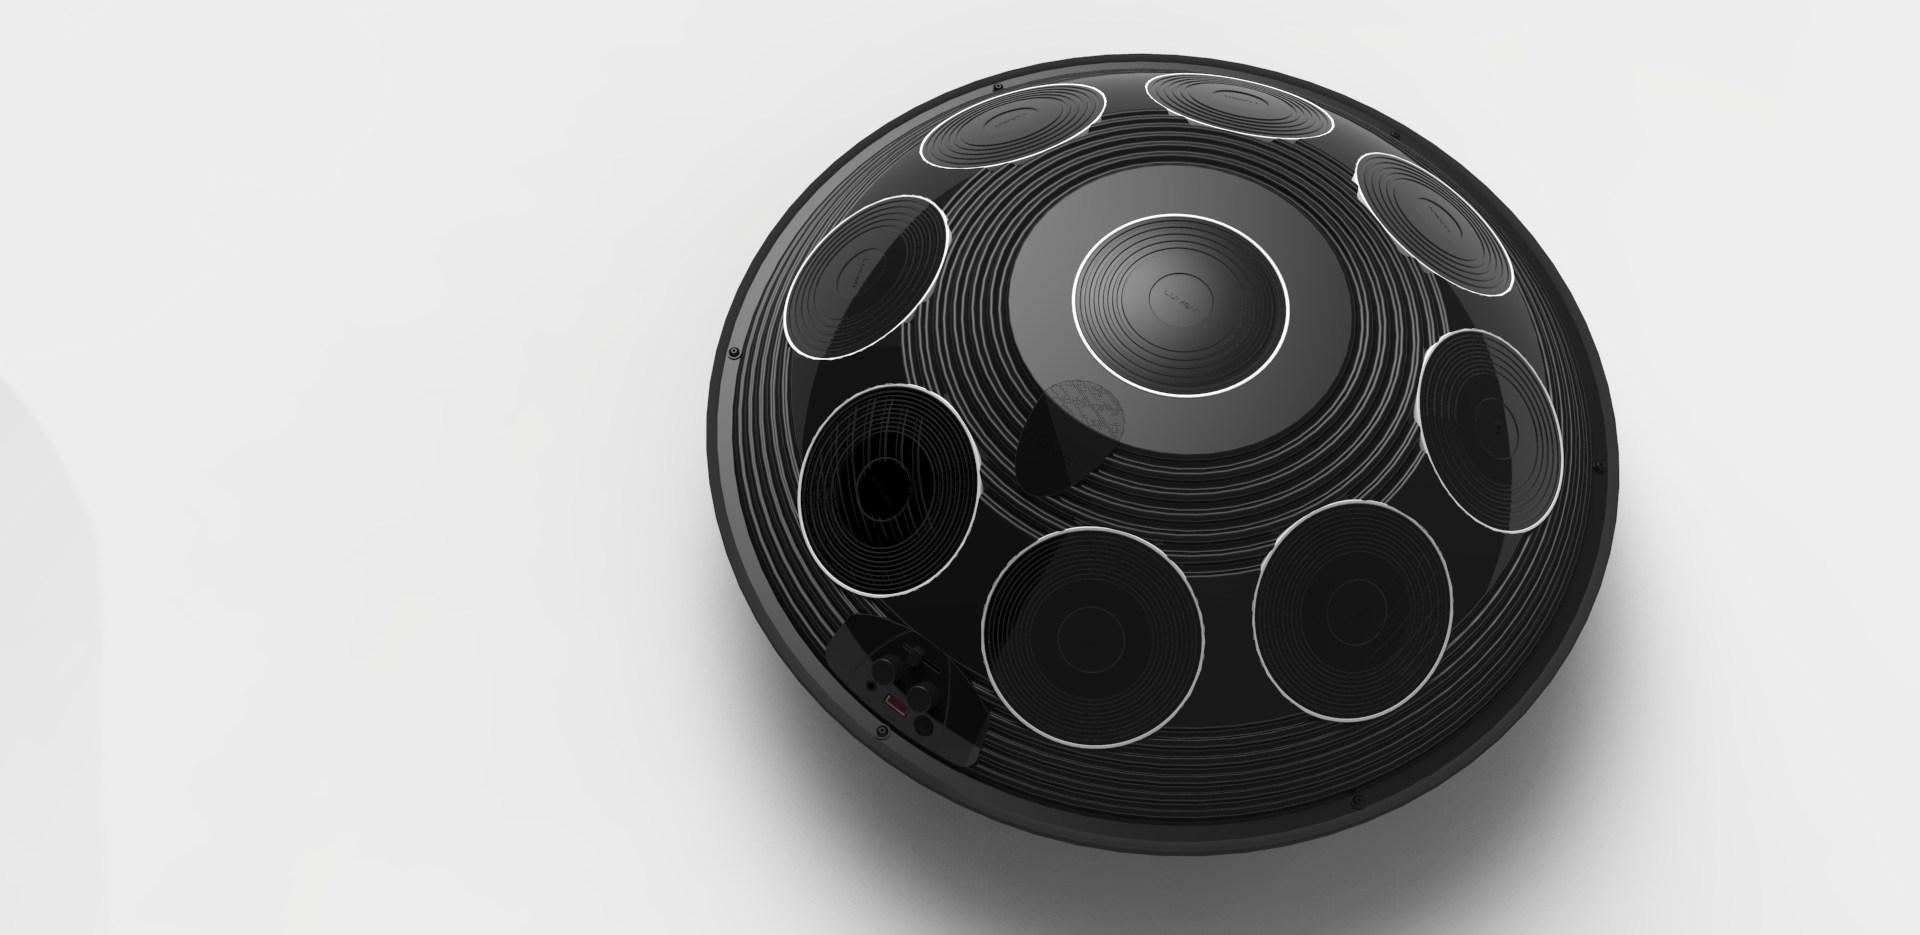 Музыкальное будущее: футуристические инструменты, которые можно купить уже сейчас - 4